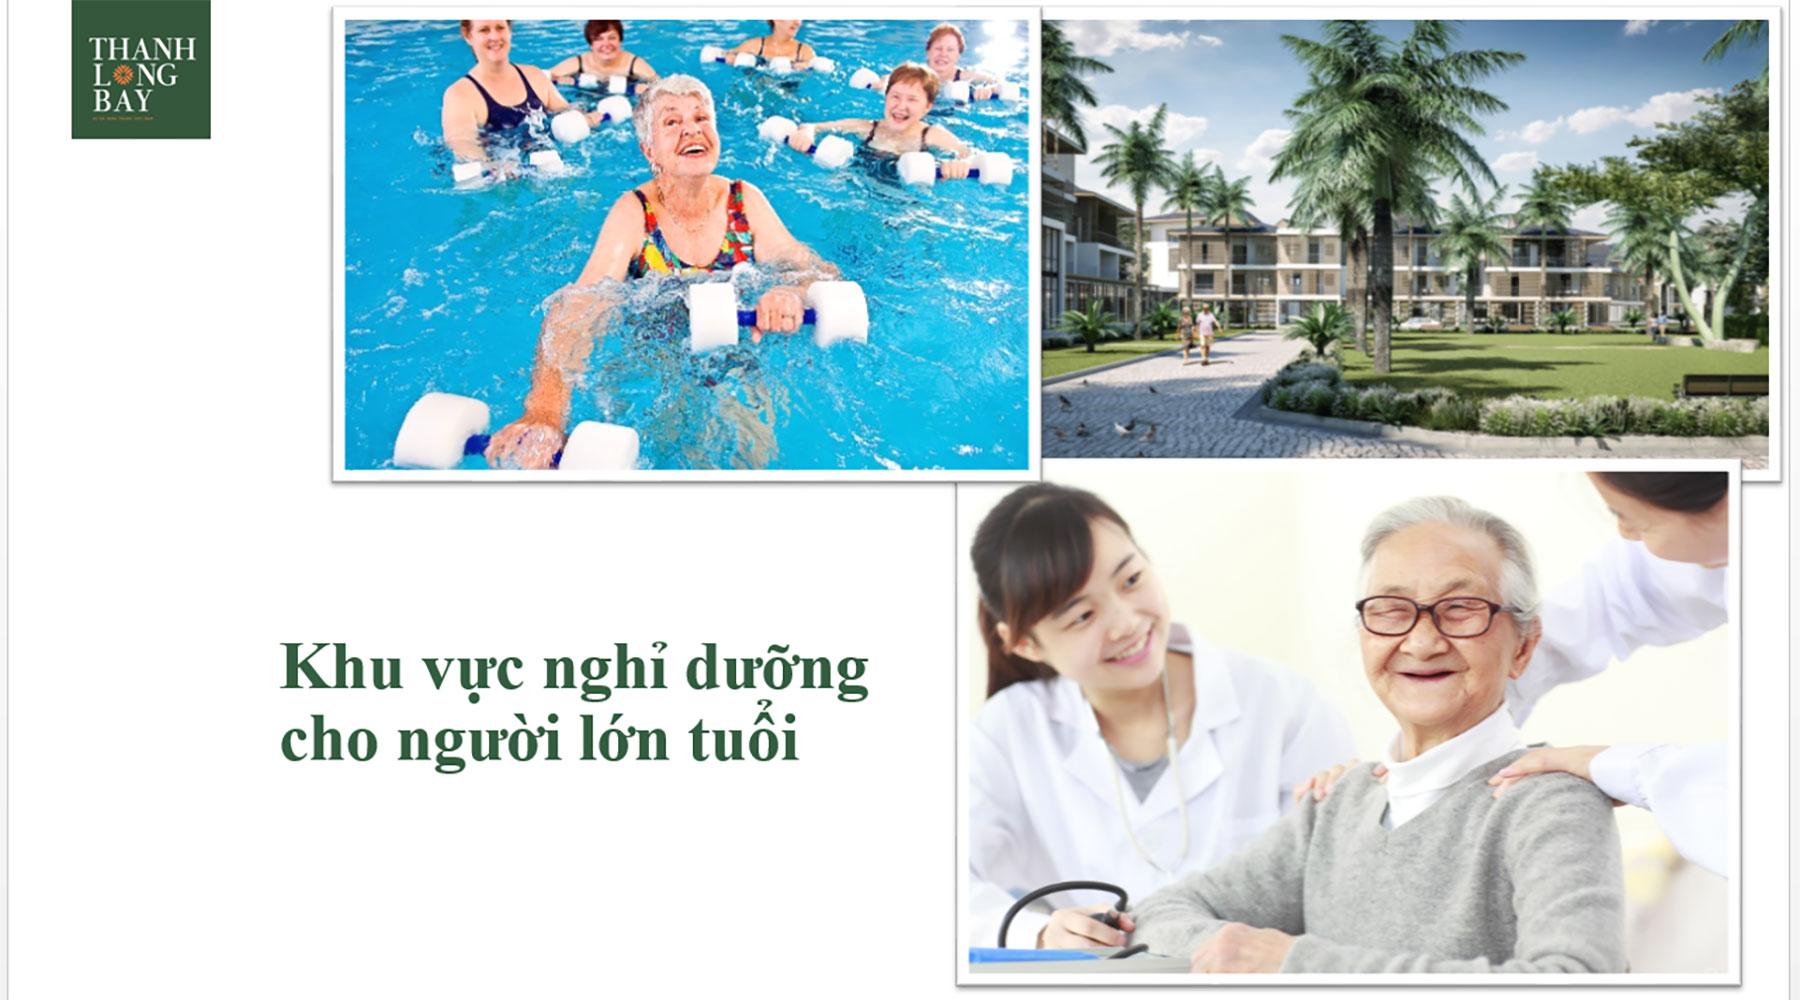 Tiện ích dự án Thanh Long Bay hình 06